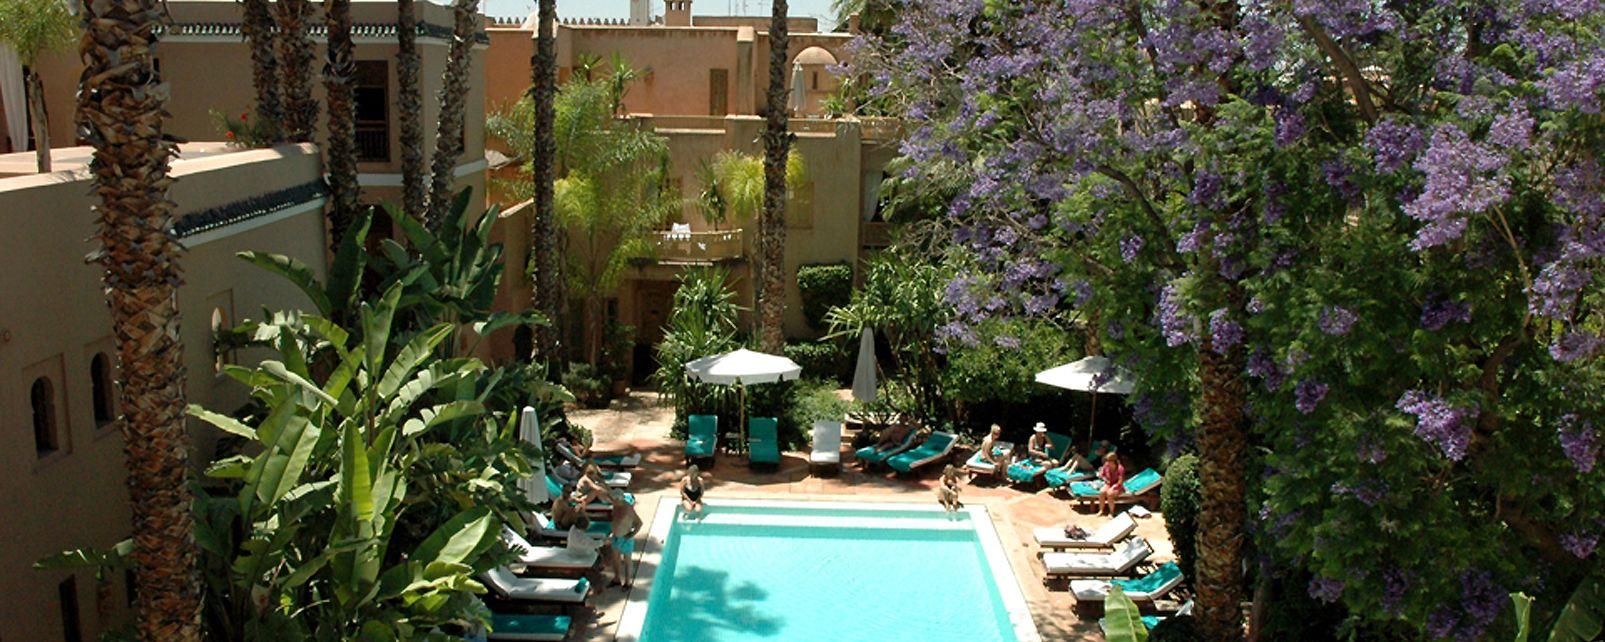 H Tel Les Jardins De La M Dina Marrakech Maroc